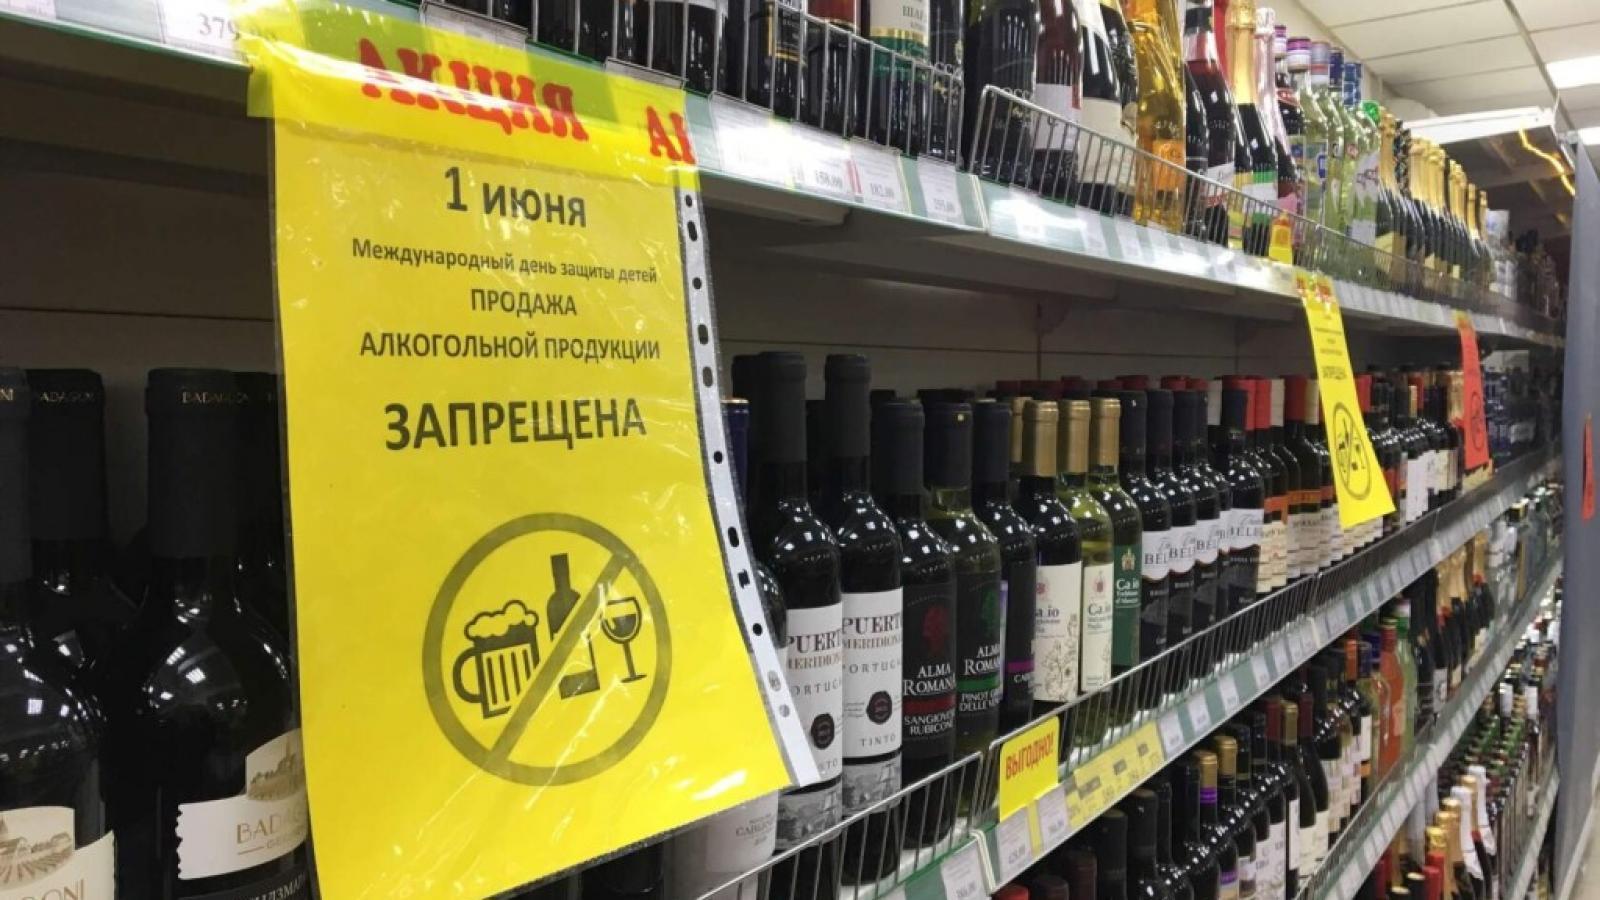 1 июня ограничат продажу алкоголя